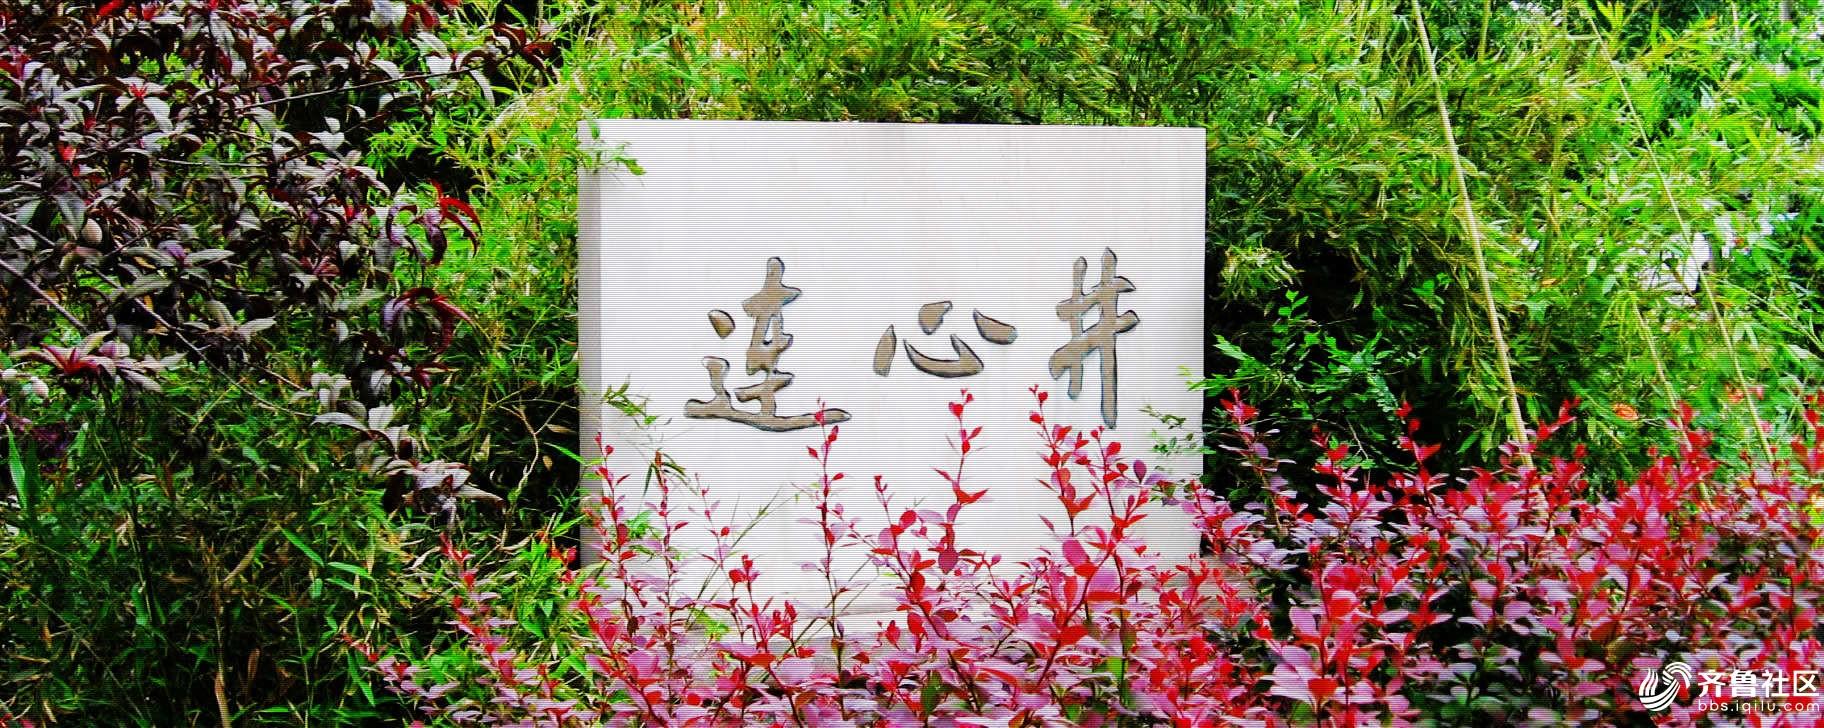 景色幽美,心连着心。沧州刘瑞华2016年之夏拍摄。.JPG